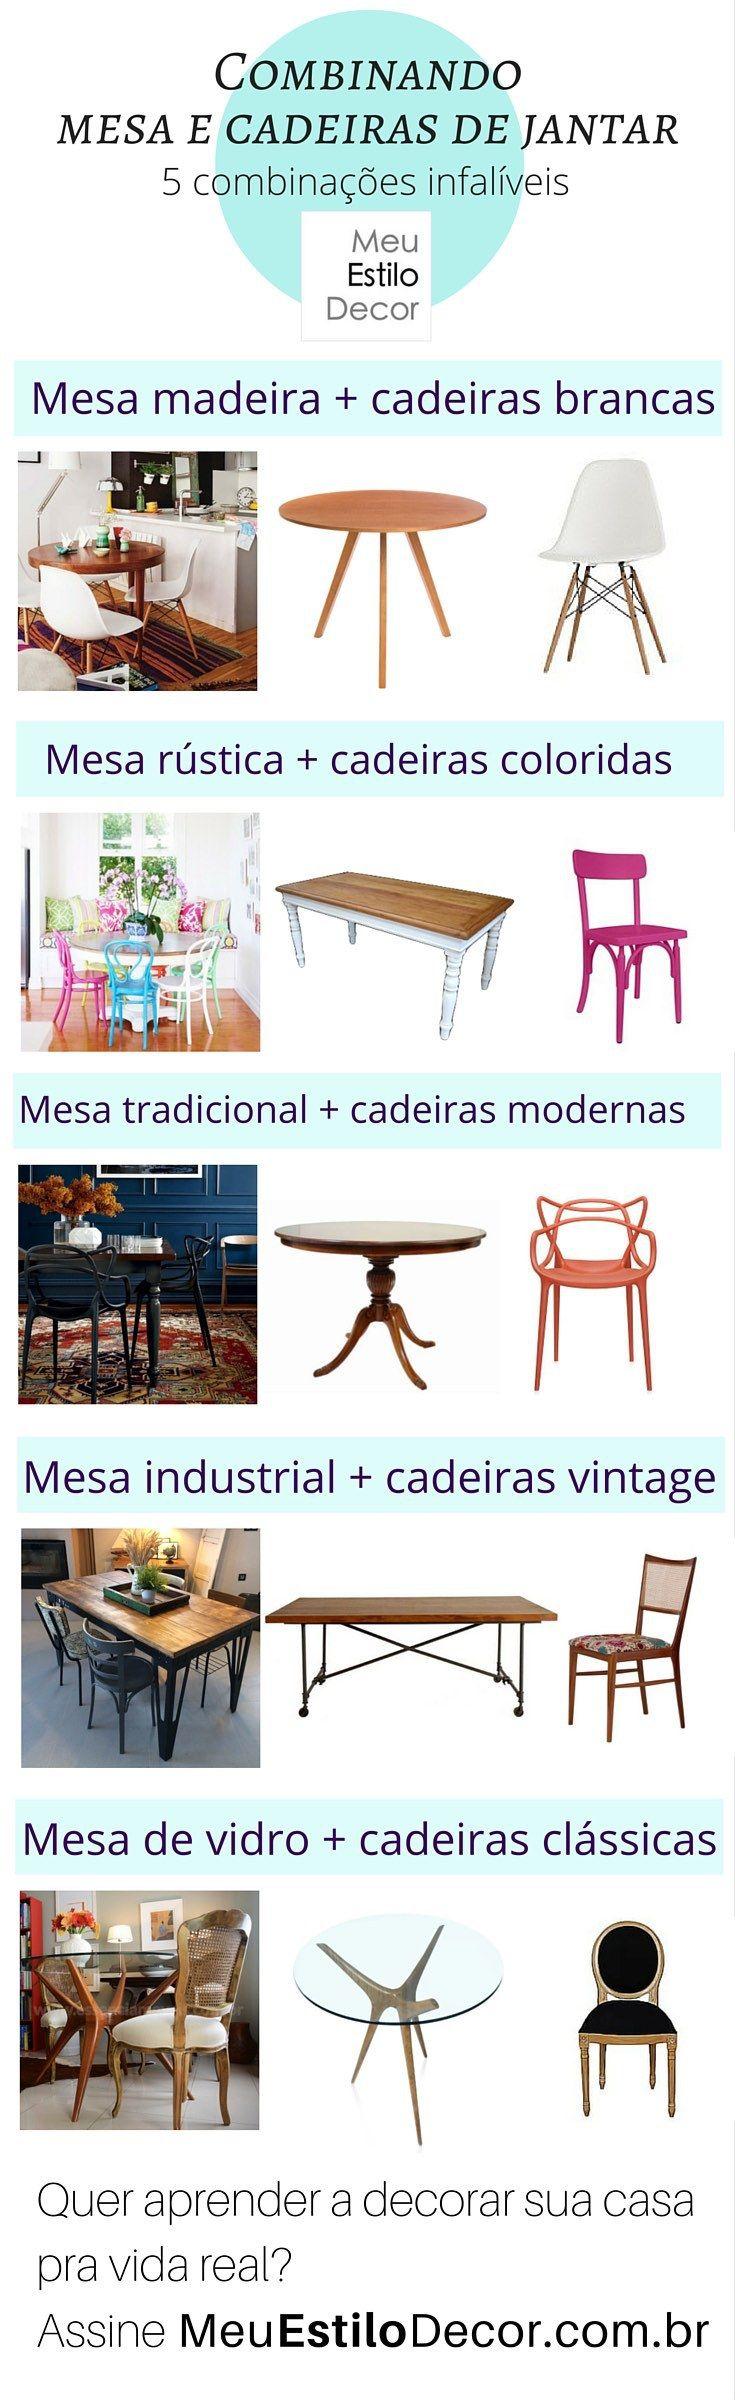 Conjuntinho é chato. Mas se você usar estes princípios simples de design, logo estará combinando mesa e cadeiras de jantar como um profissional.Eu te ensino